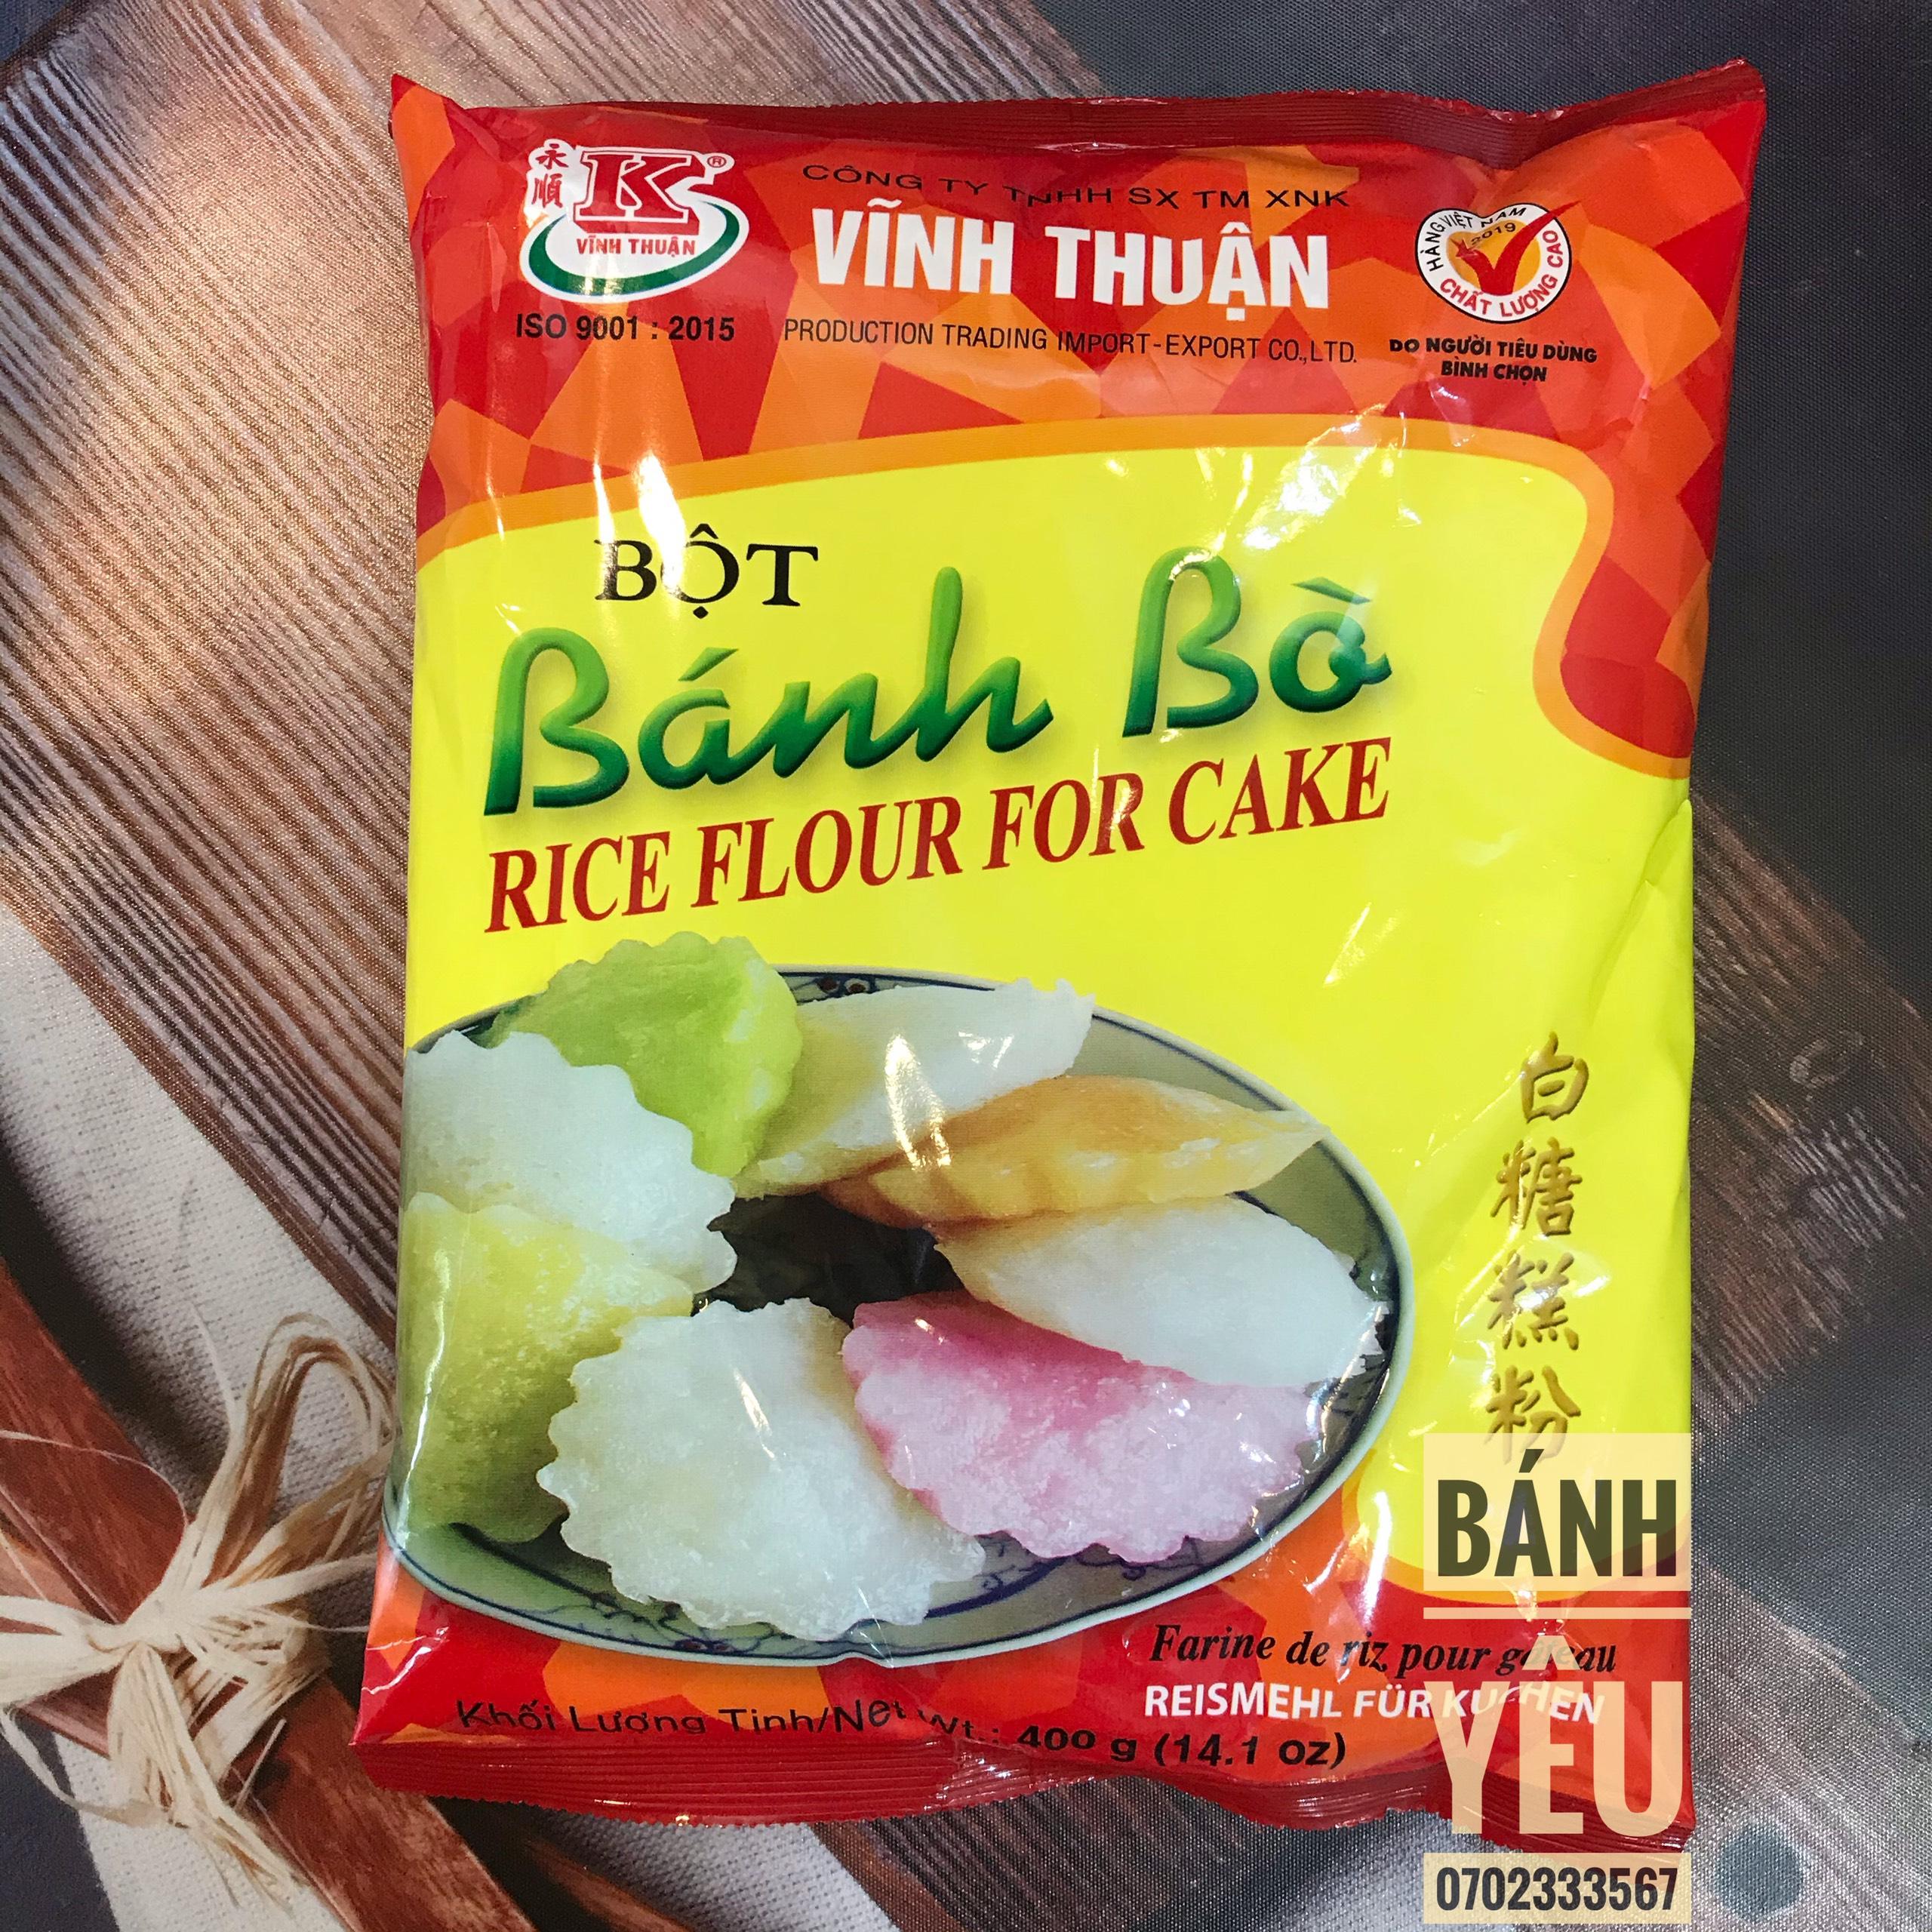 Bột bánh bò có men Vĩnh Thuận 400g